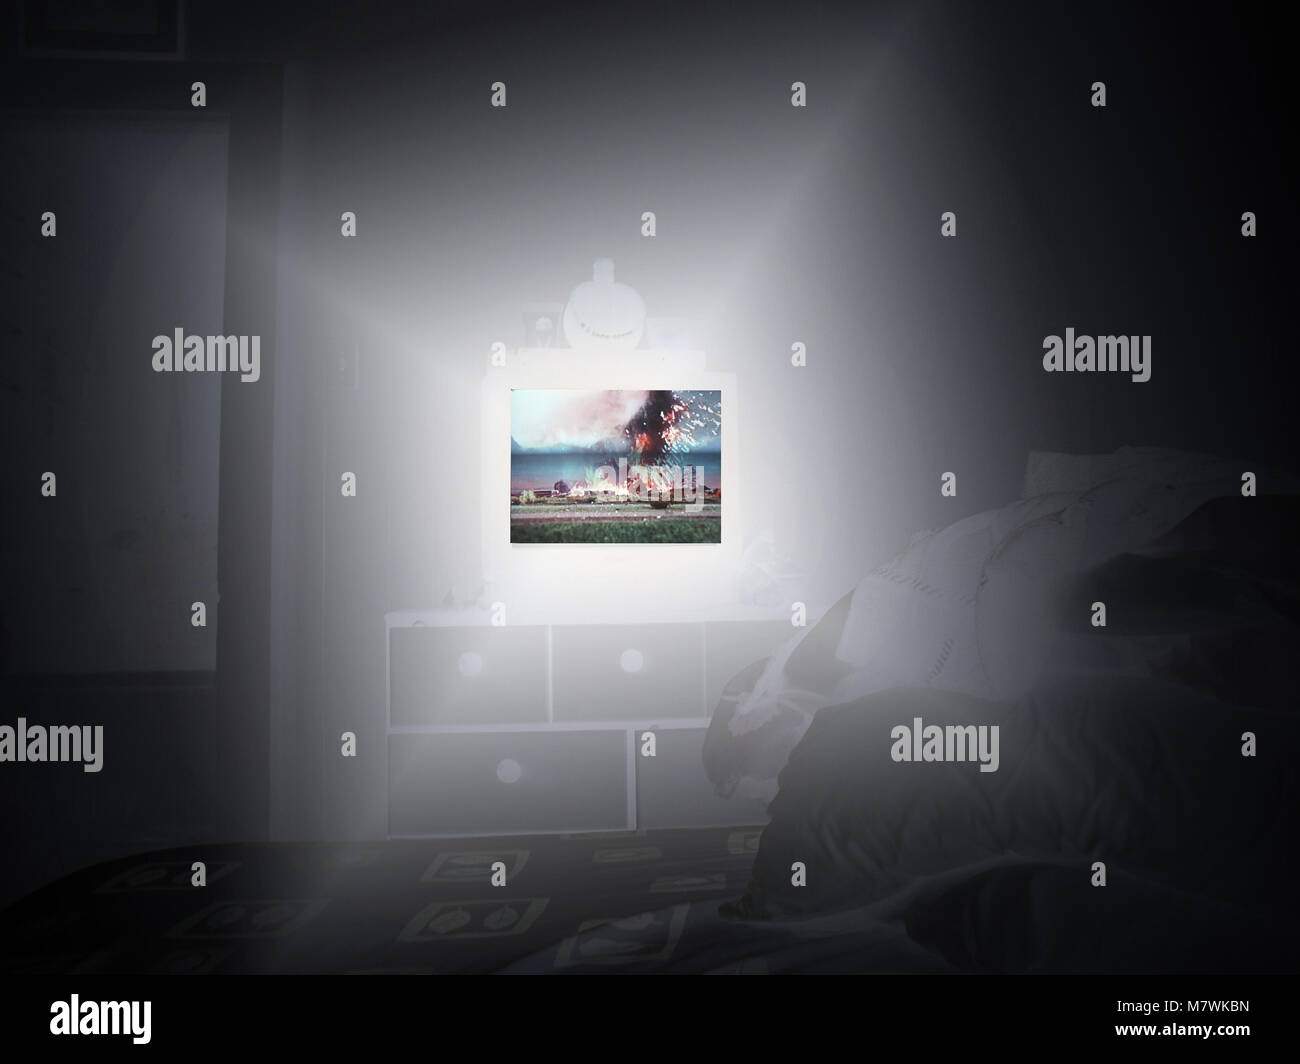 Thriller à la télévision dans une chambre sombre Photo Stock